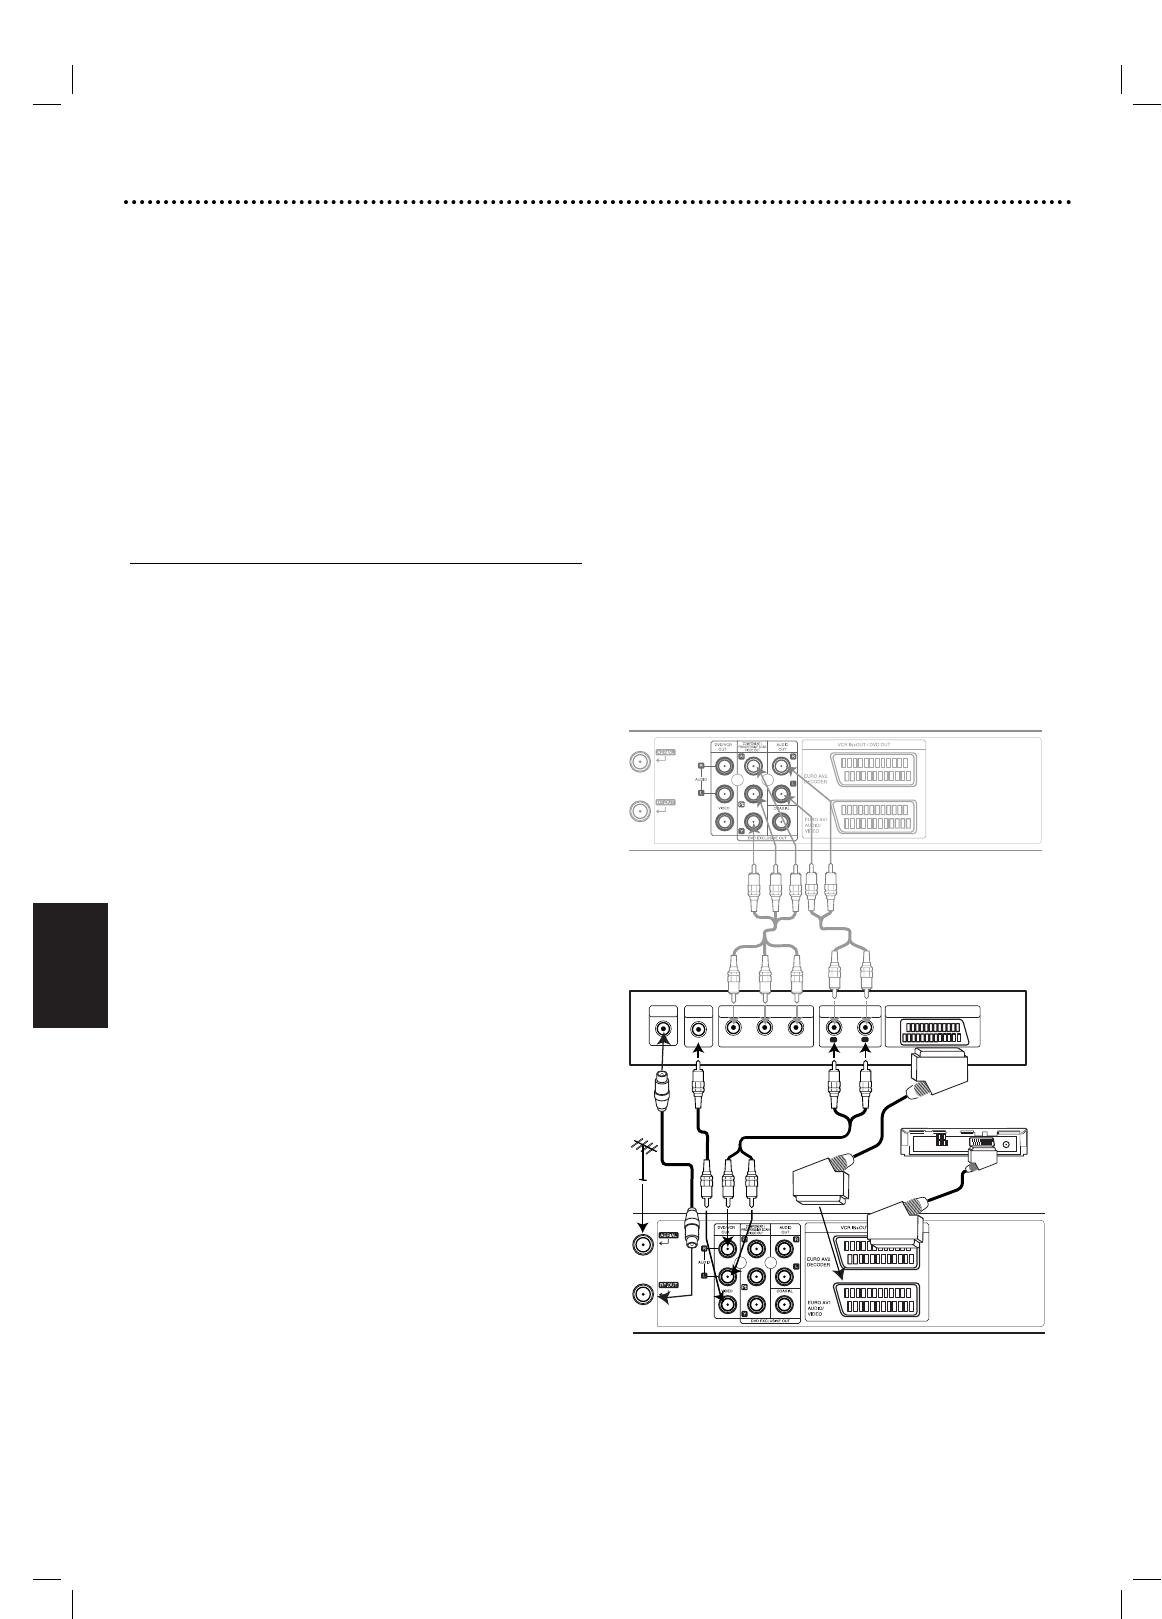 Philips VP1003P1Z_NA3GPP_SPA_38M Dvp3100v 01 Dfu Esp